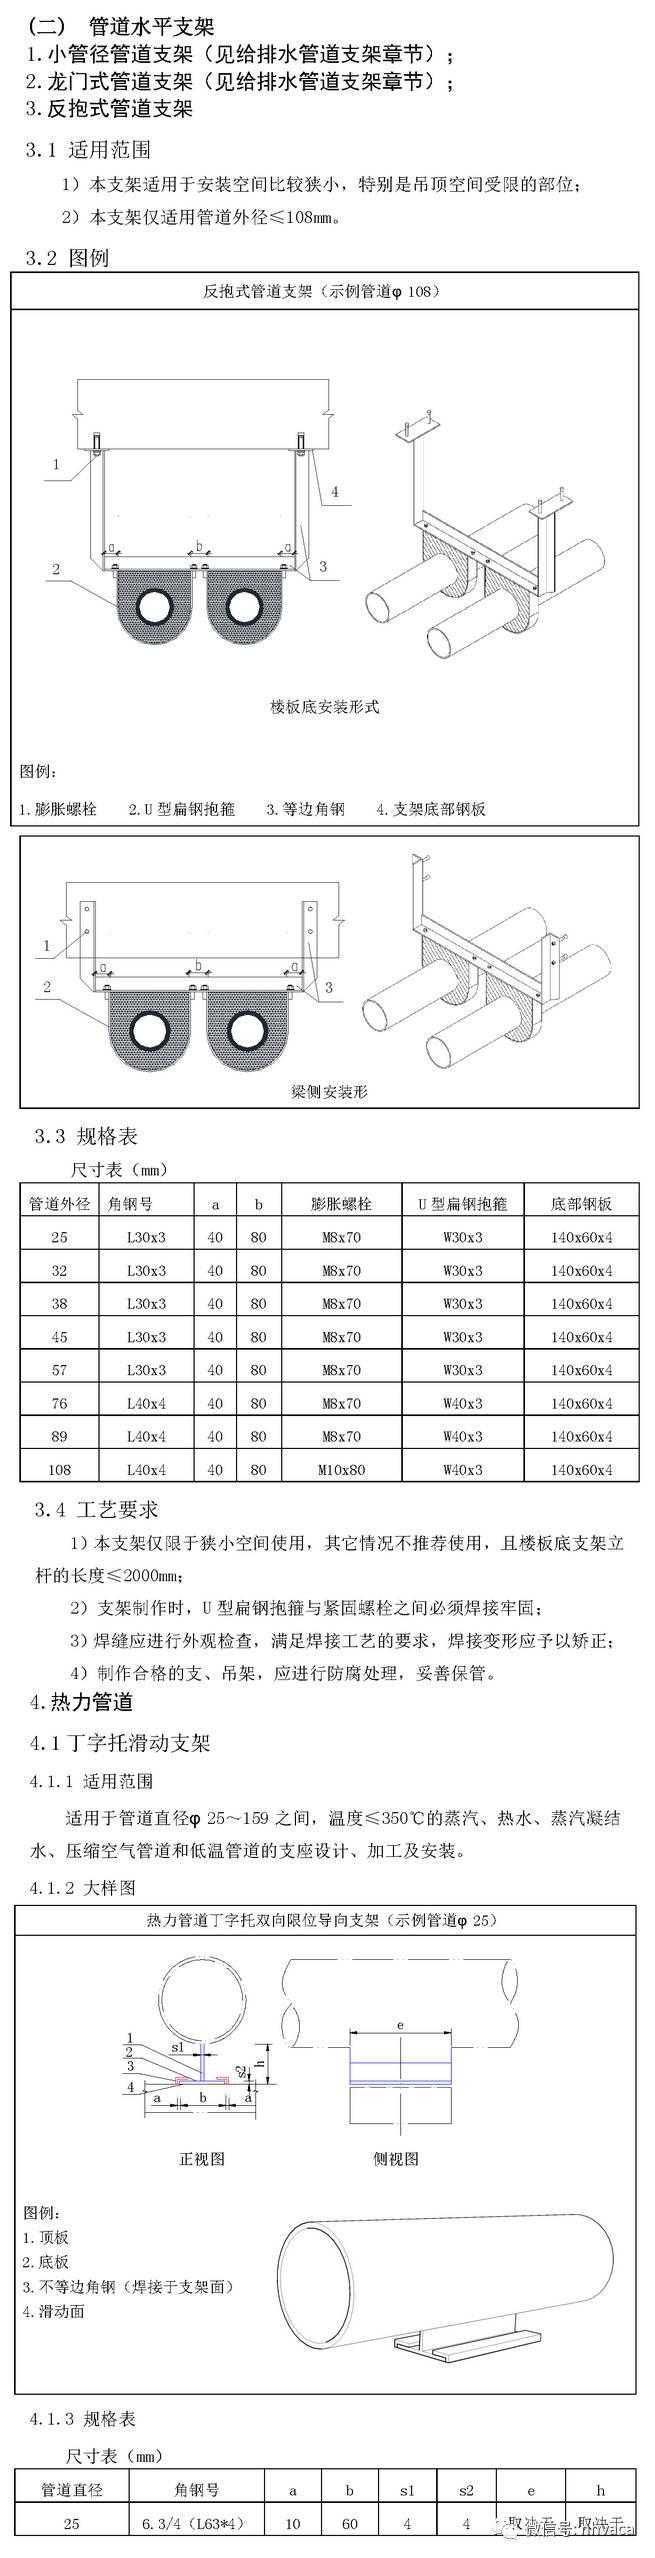 暖通空调施工工艺标准图集(53张图)_5